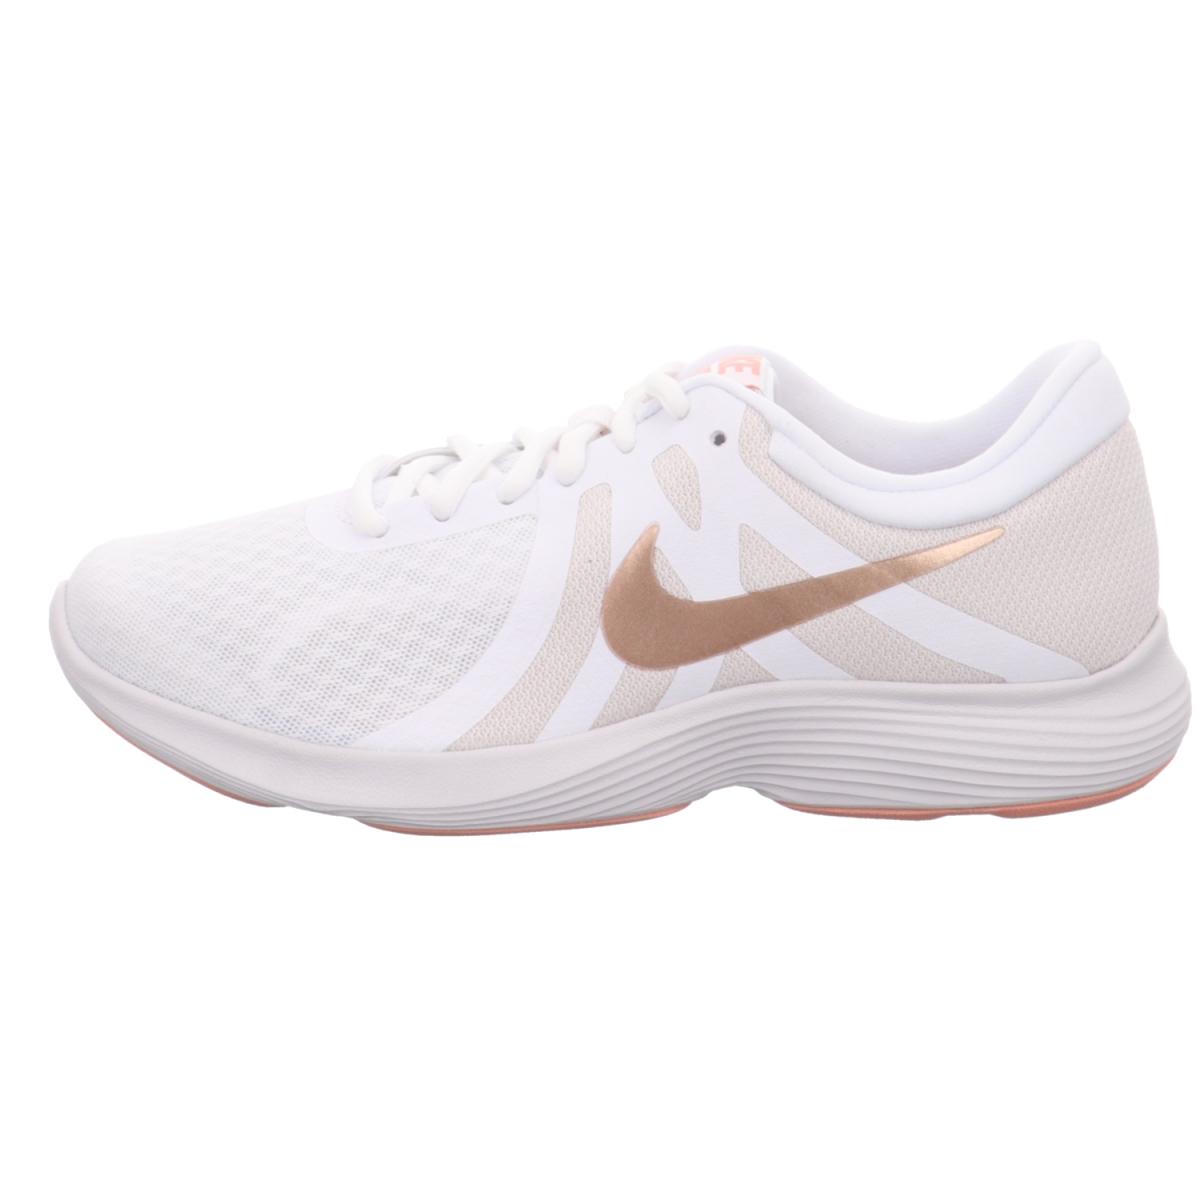 Details zu Nike Damen TurnschuheSneaker AQ2230 101 WMNS Delfine weiß Größe 38 41